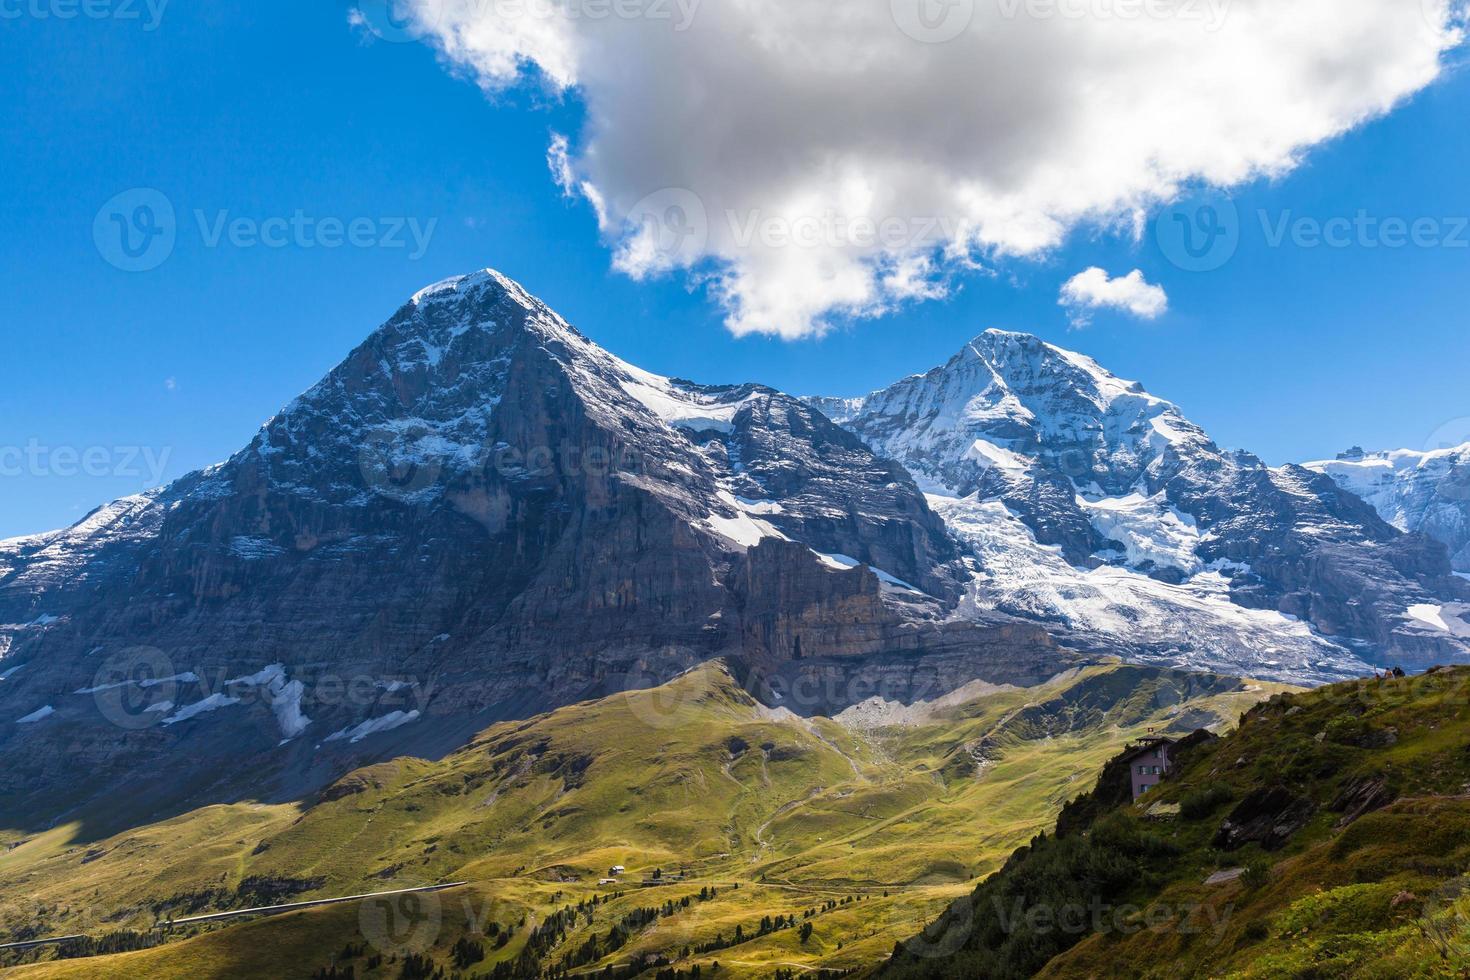 Eiger Nordwand, Eiger Gletscher und Mönch foto